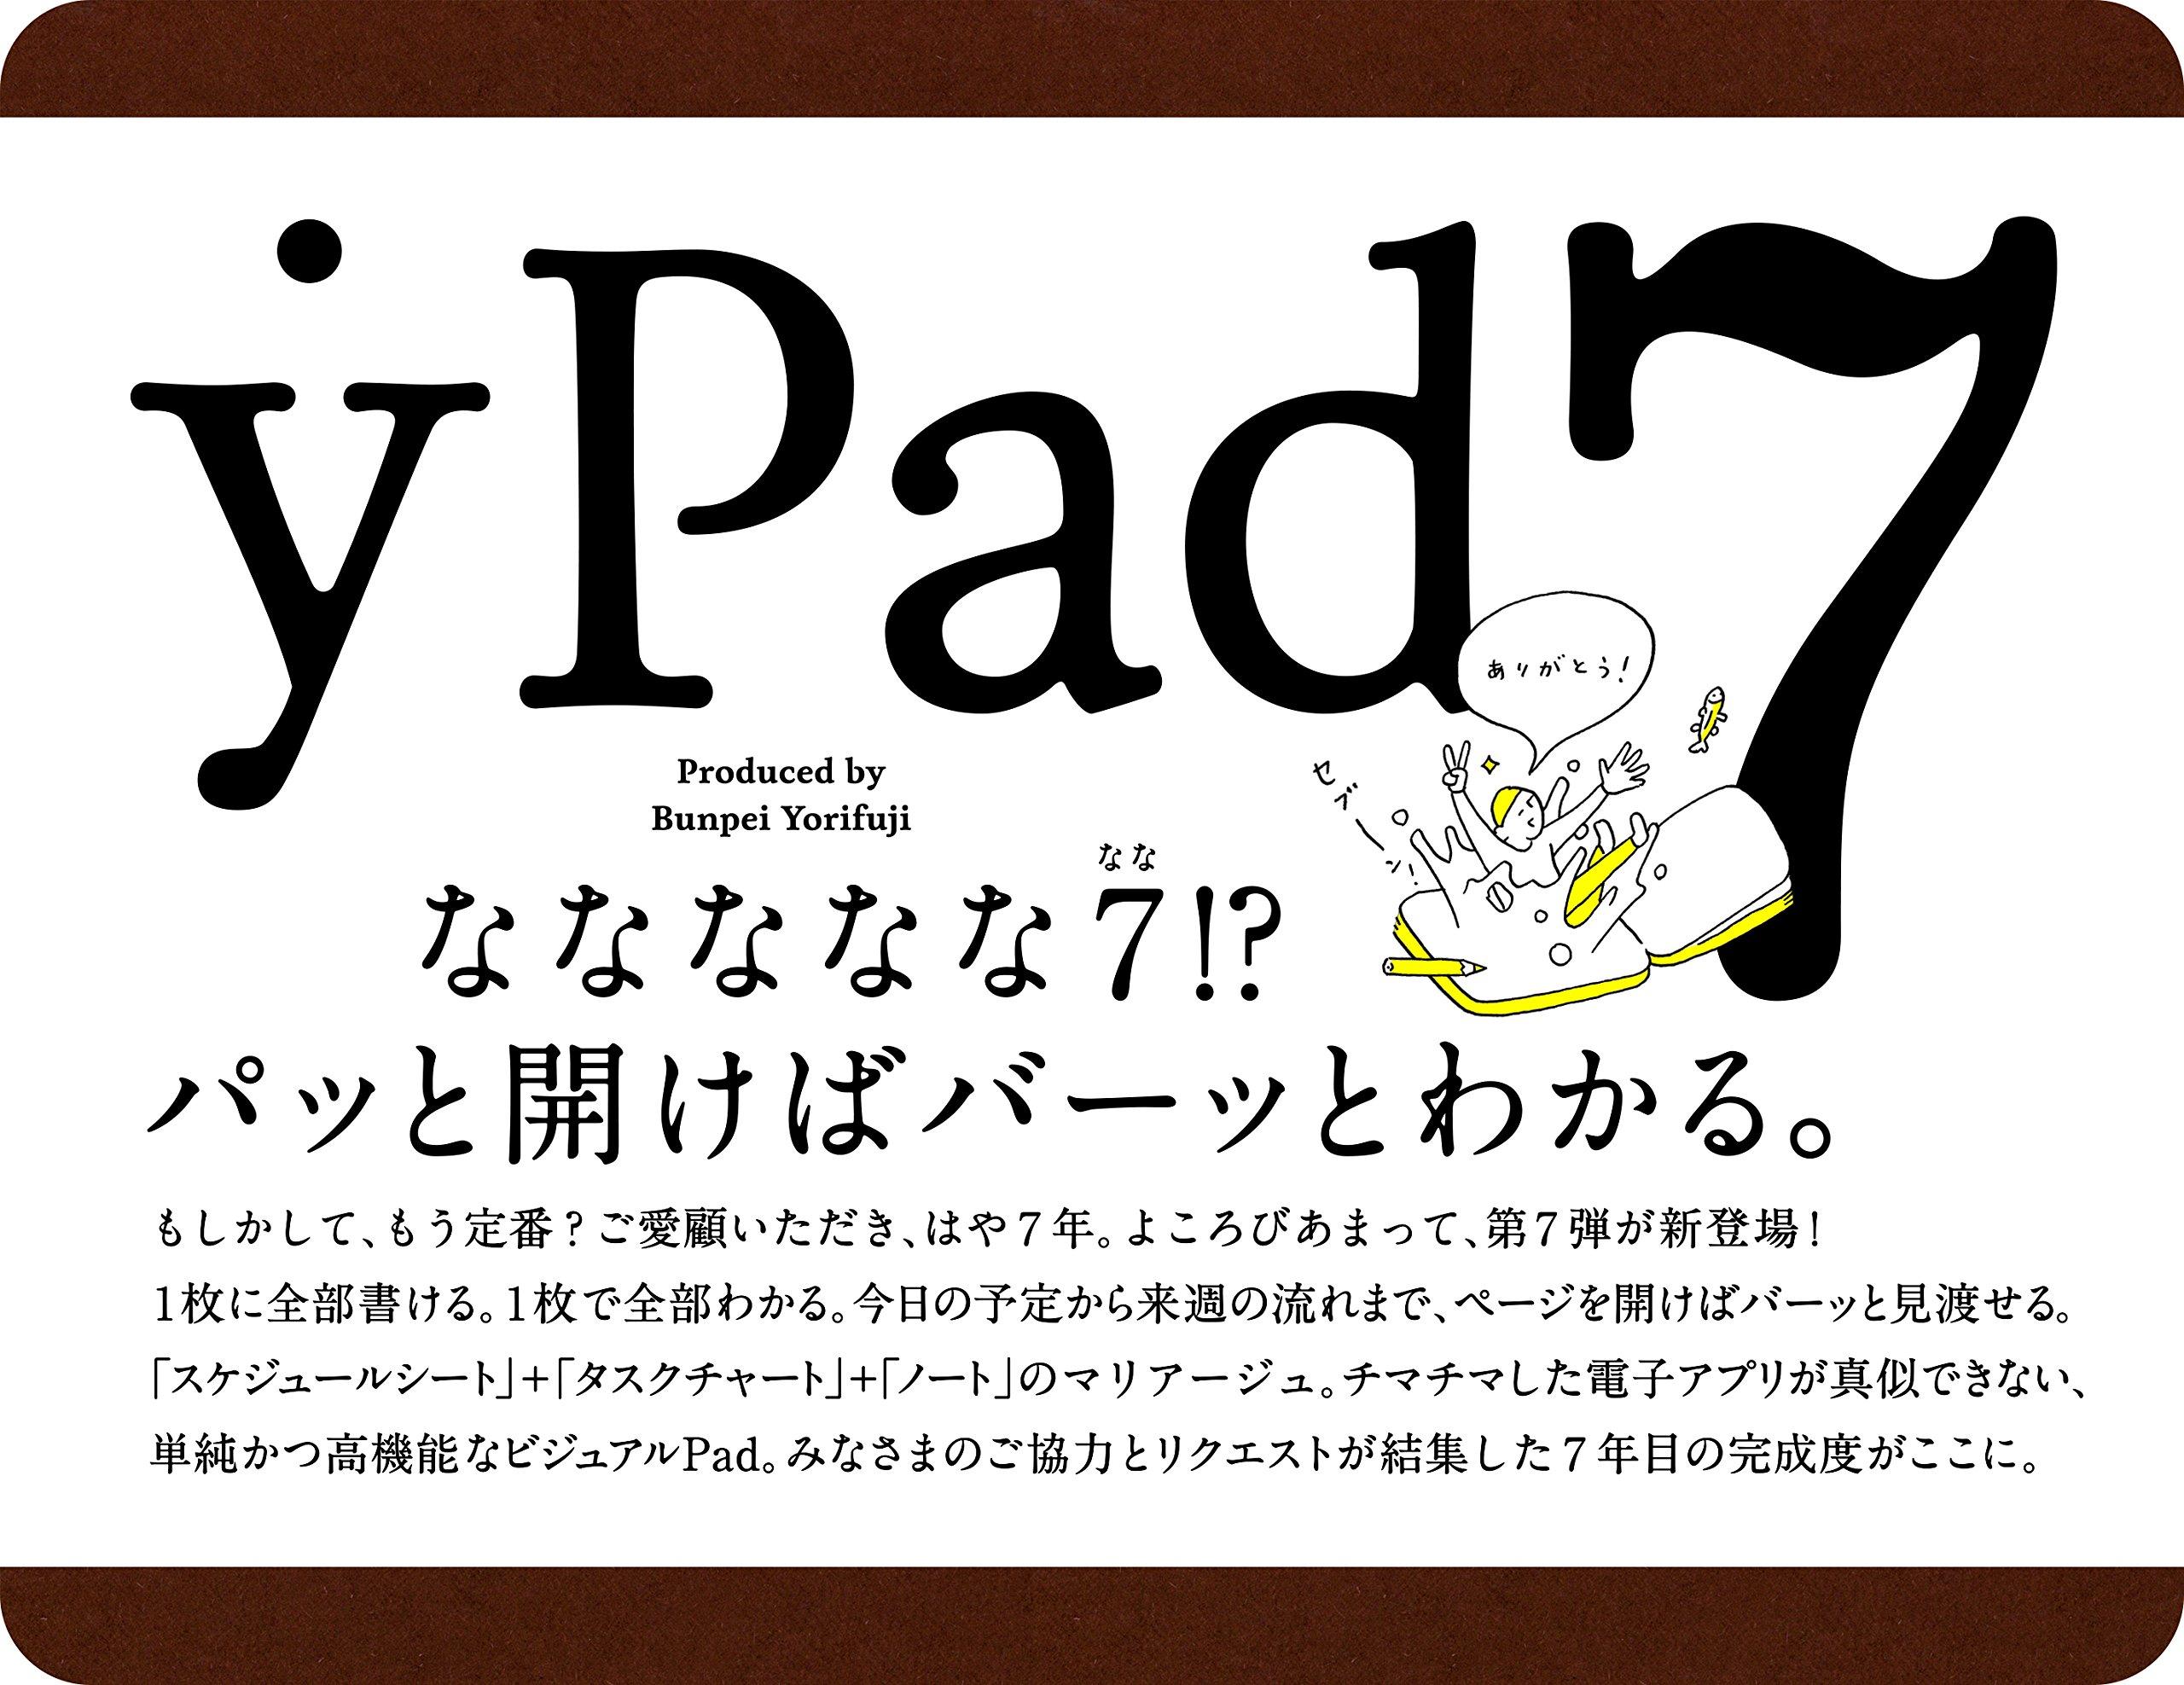 yPadというスケジュール帳がものすごく使いやすい!DPT-RP1でも抜群!